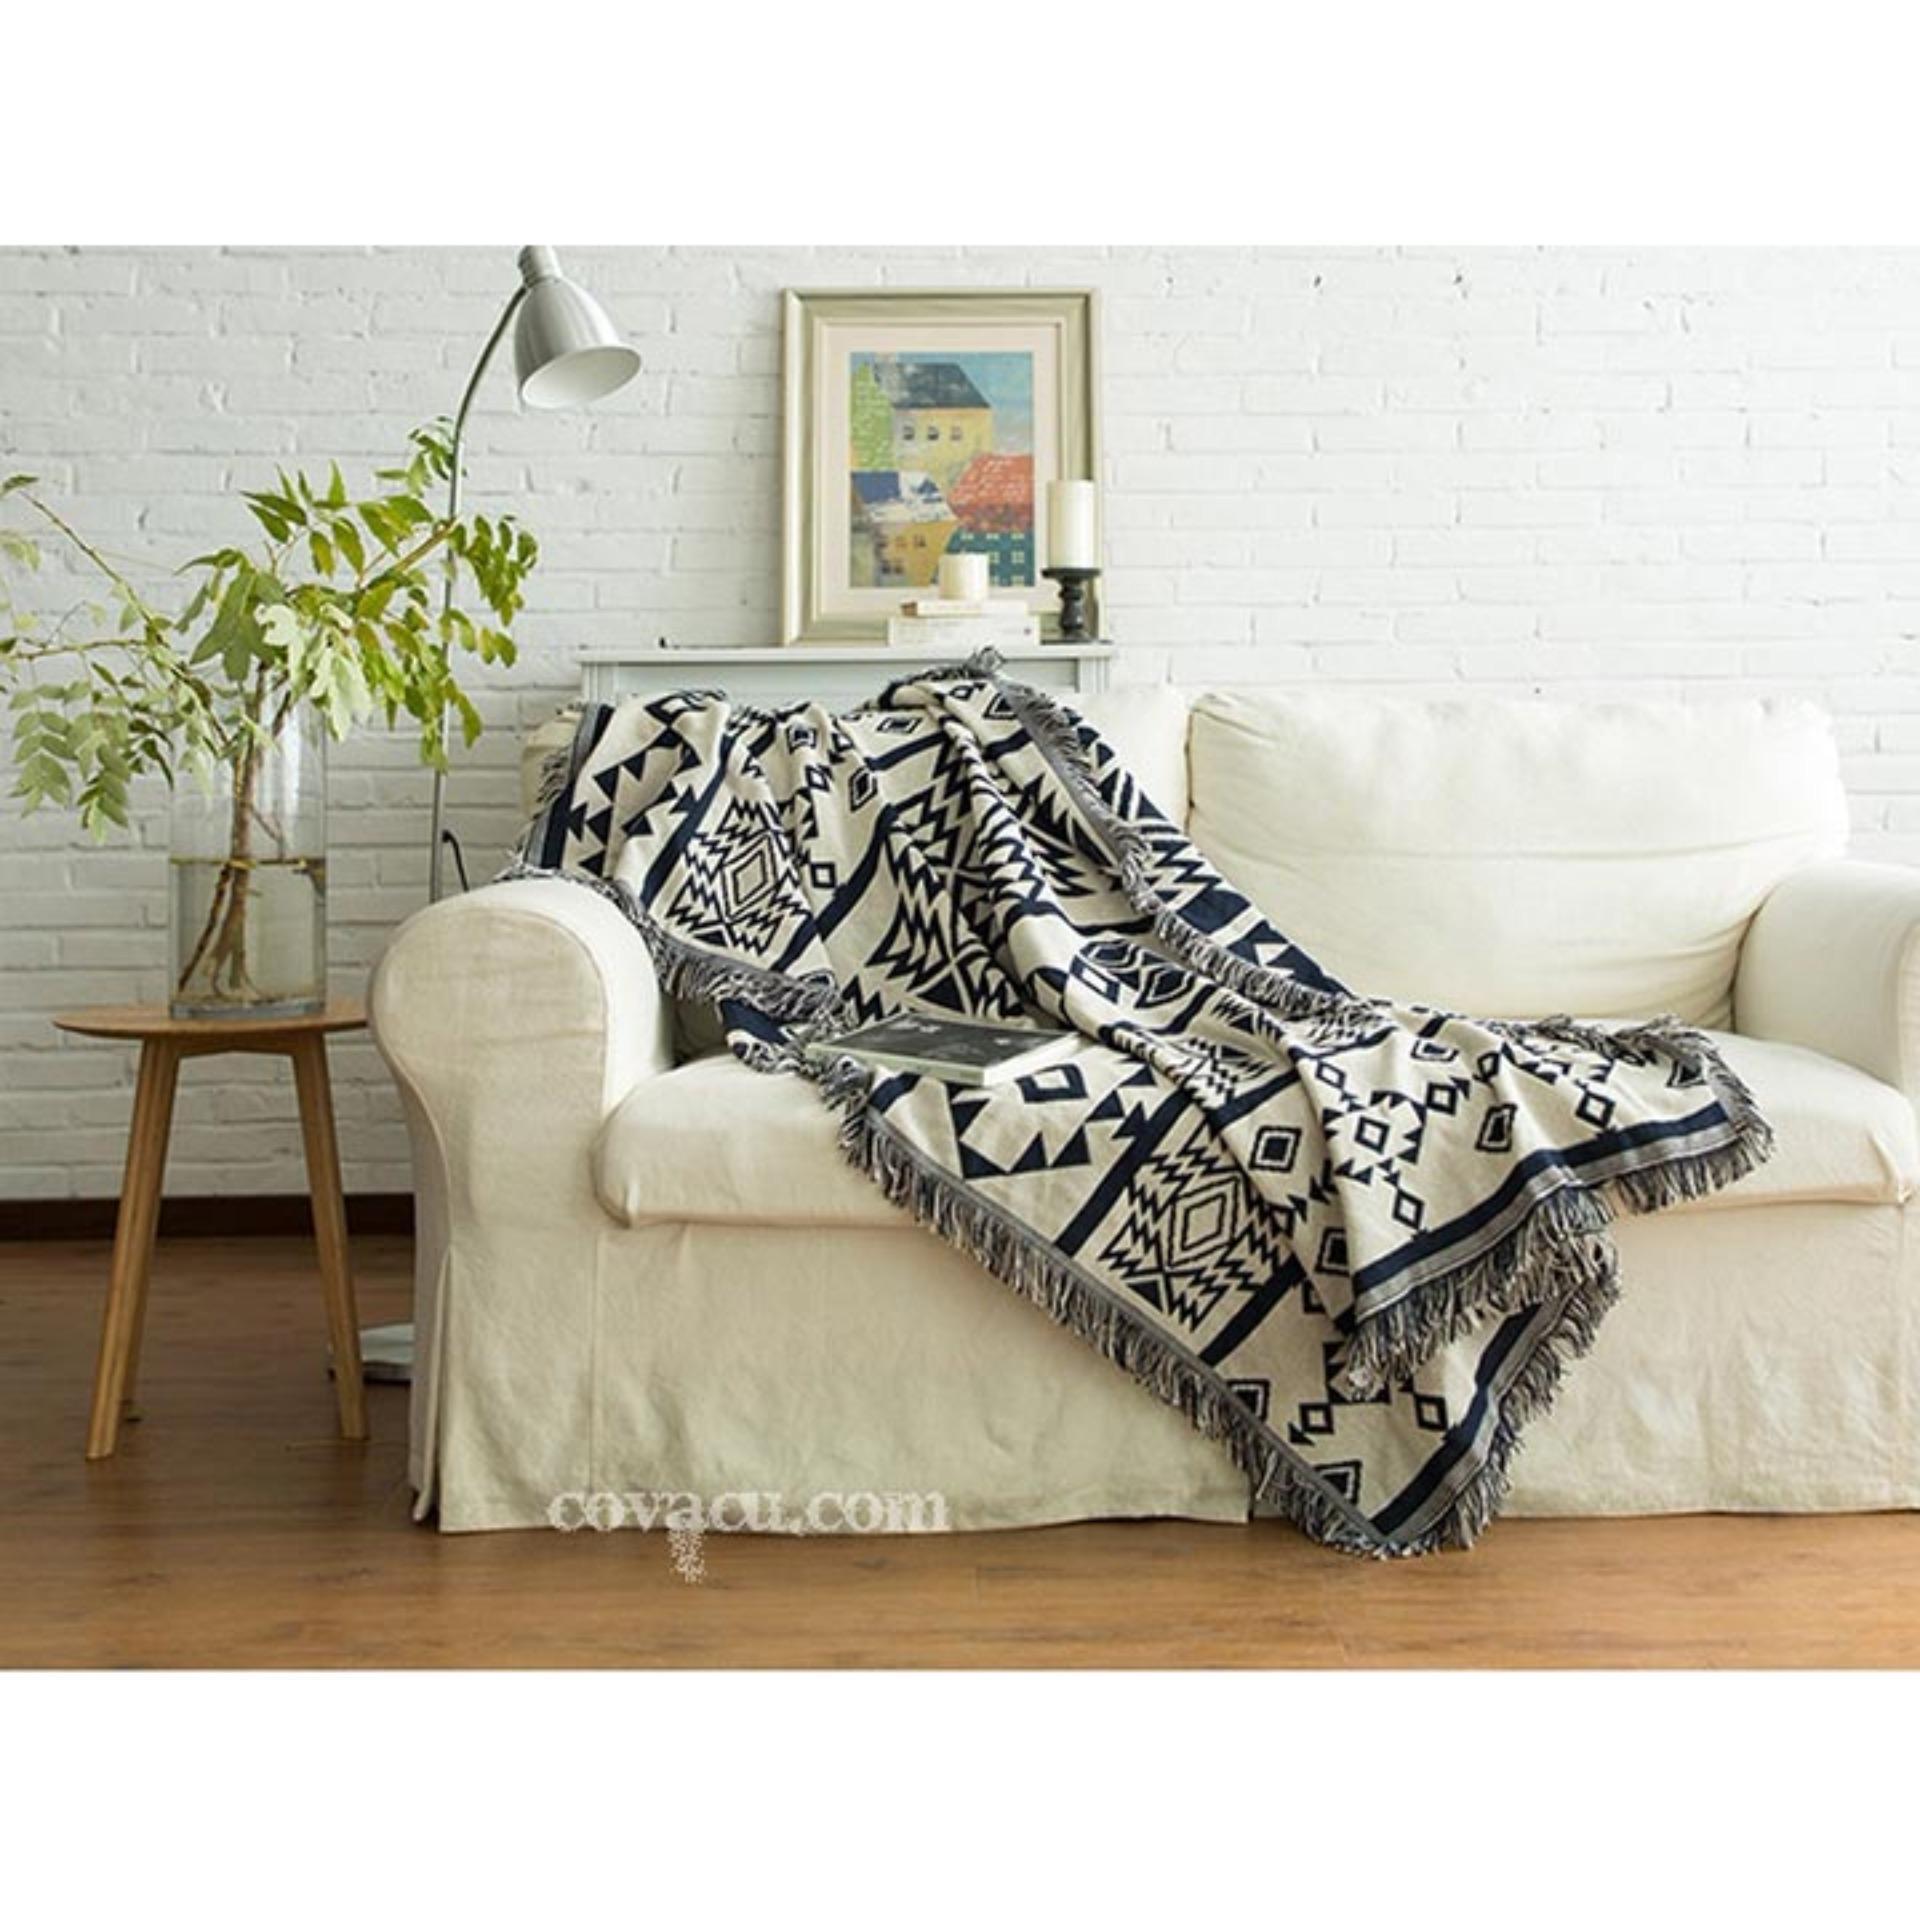 Nơi mua Thảm Vintage Trang Trí Vải Cotton Cao Cấp Nhập Khẩu HT-8 Bohemian Trắng Xanh Đậm